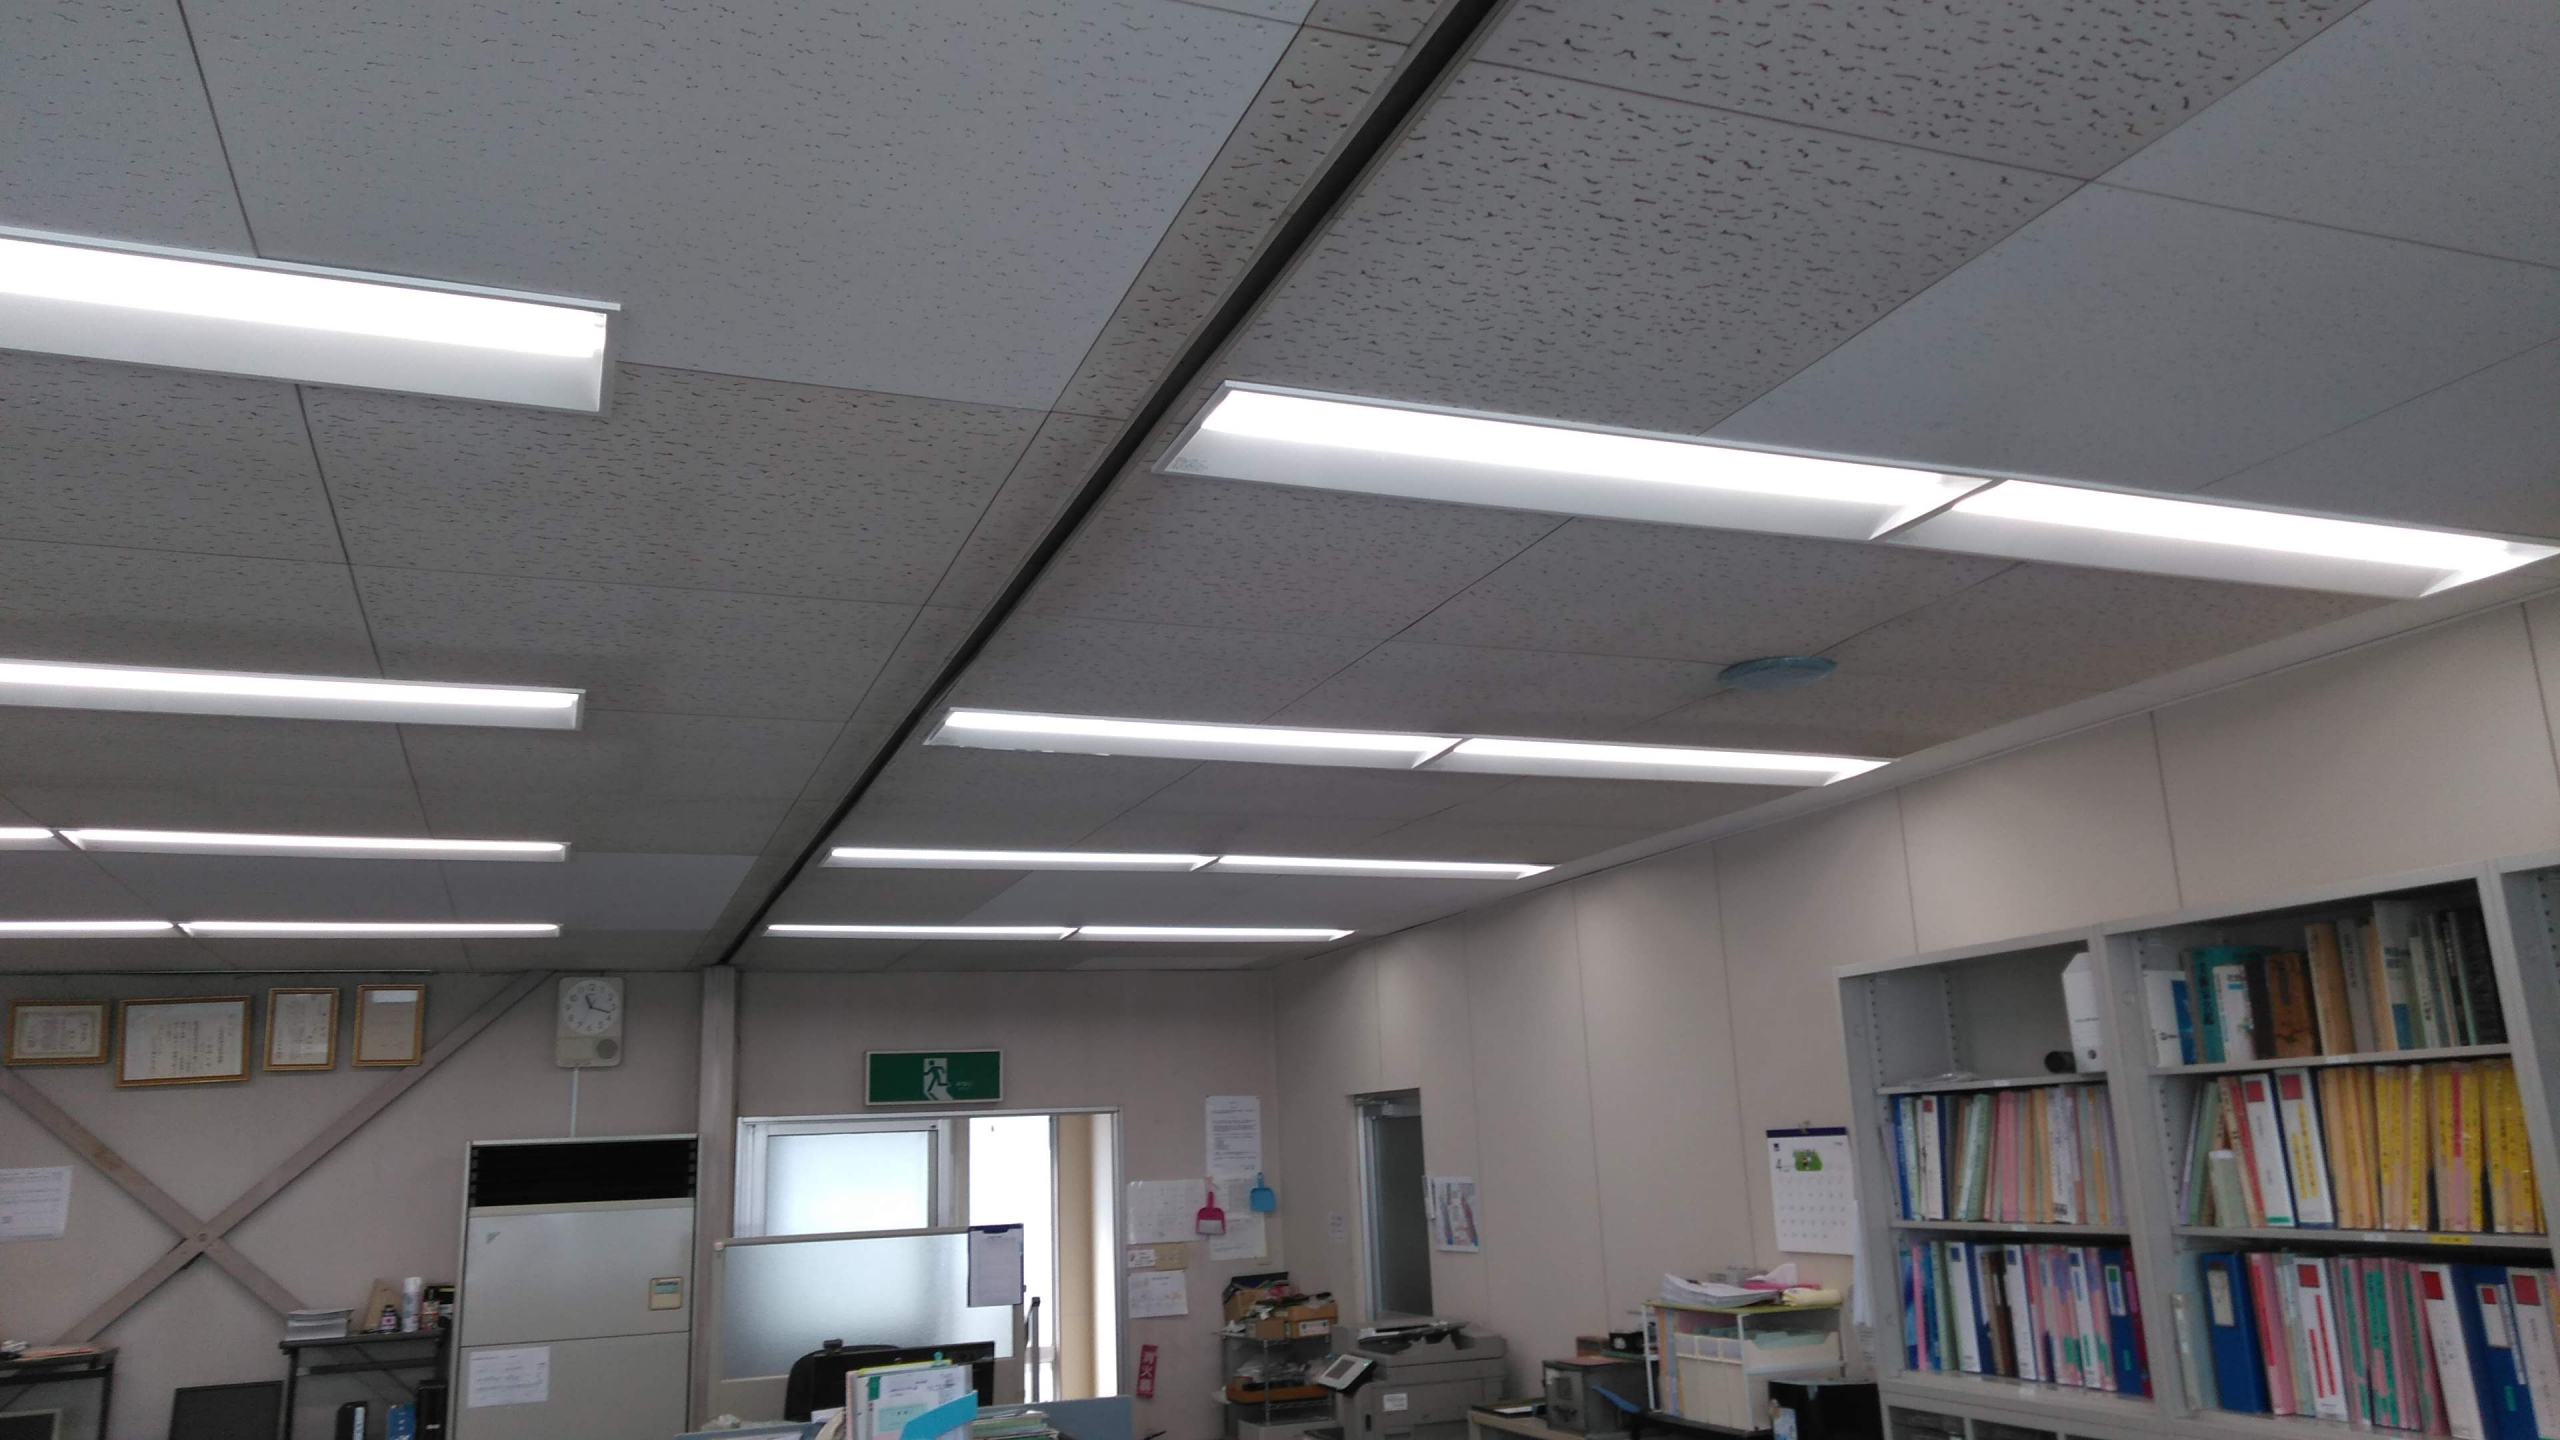 事務所照明LED化工事